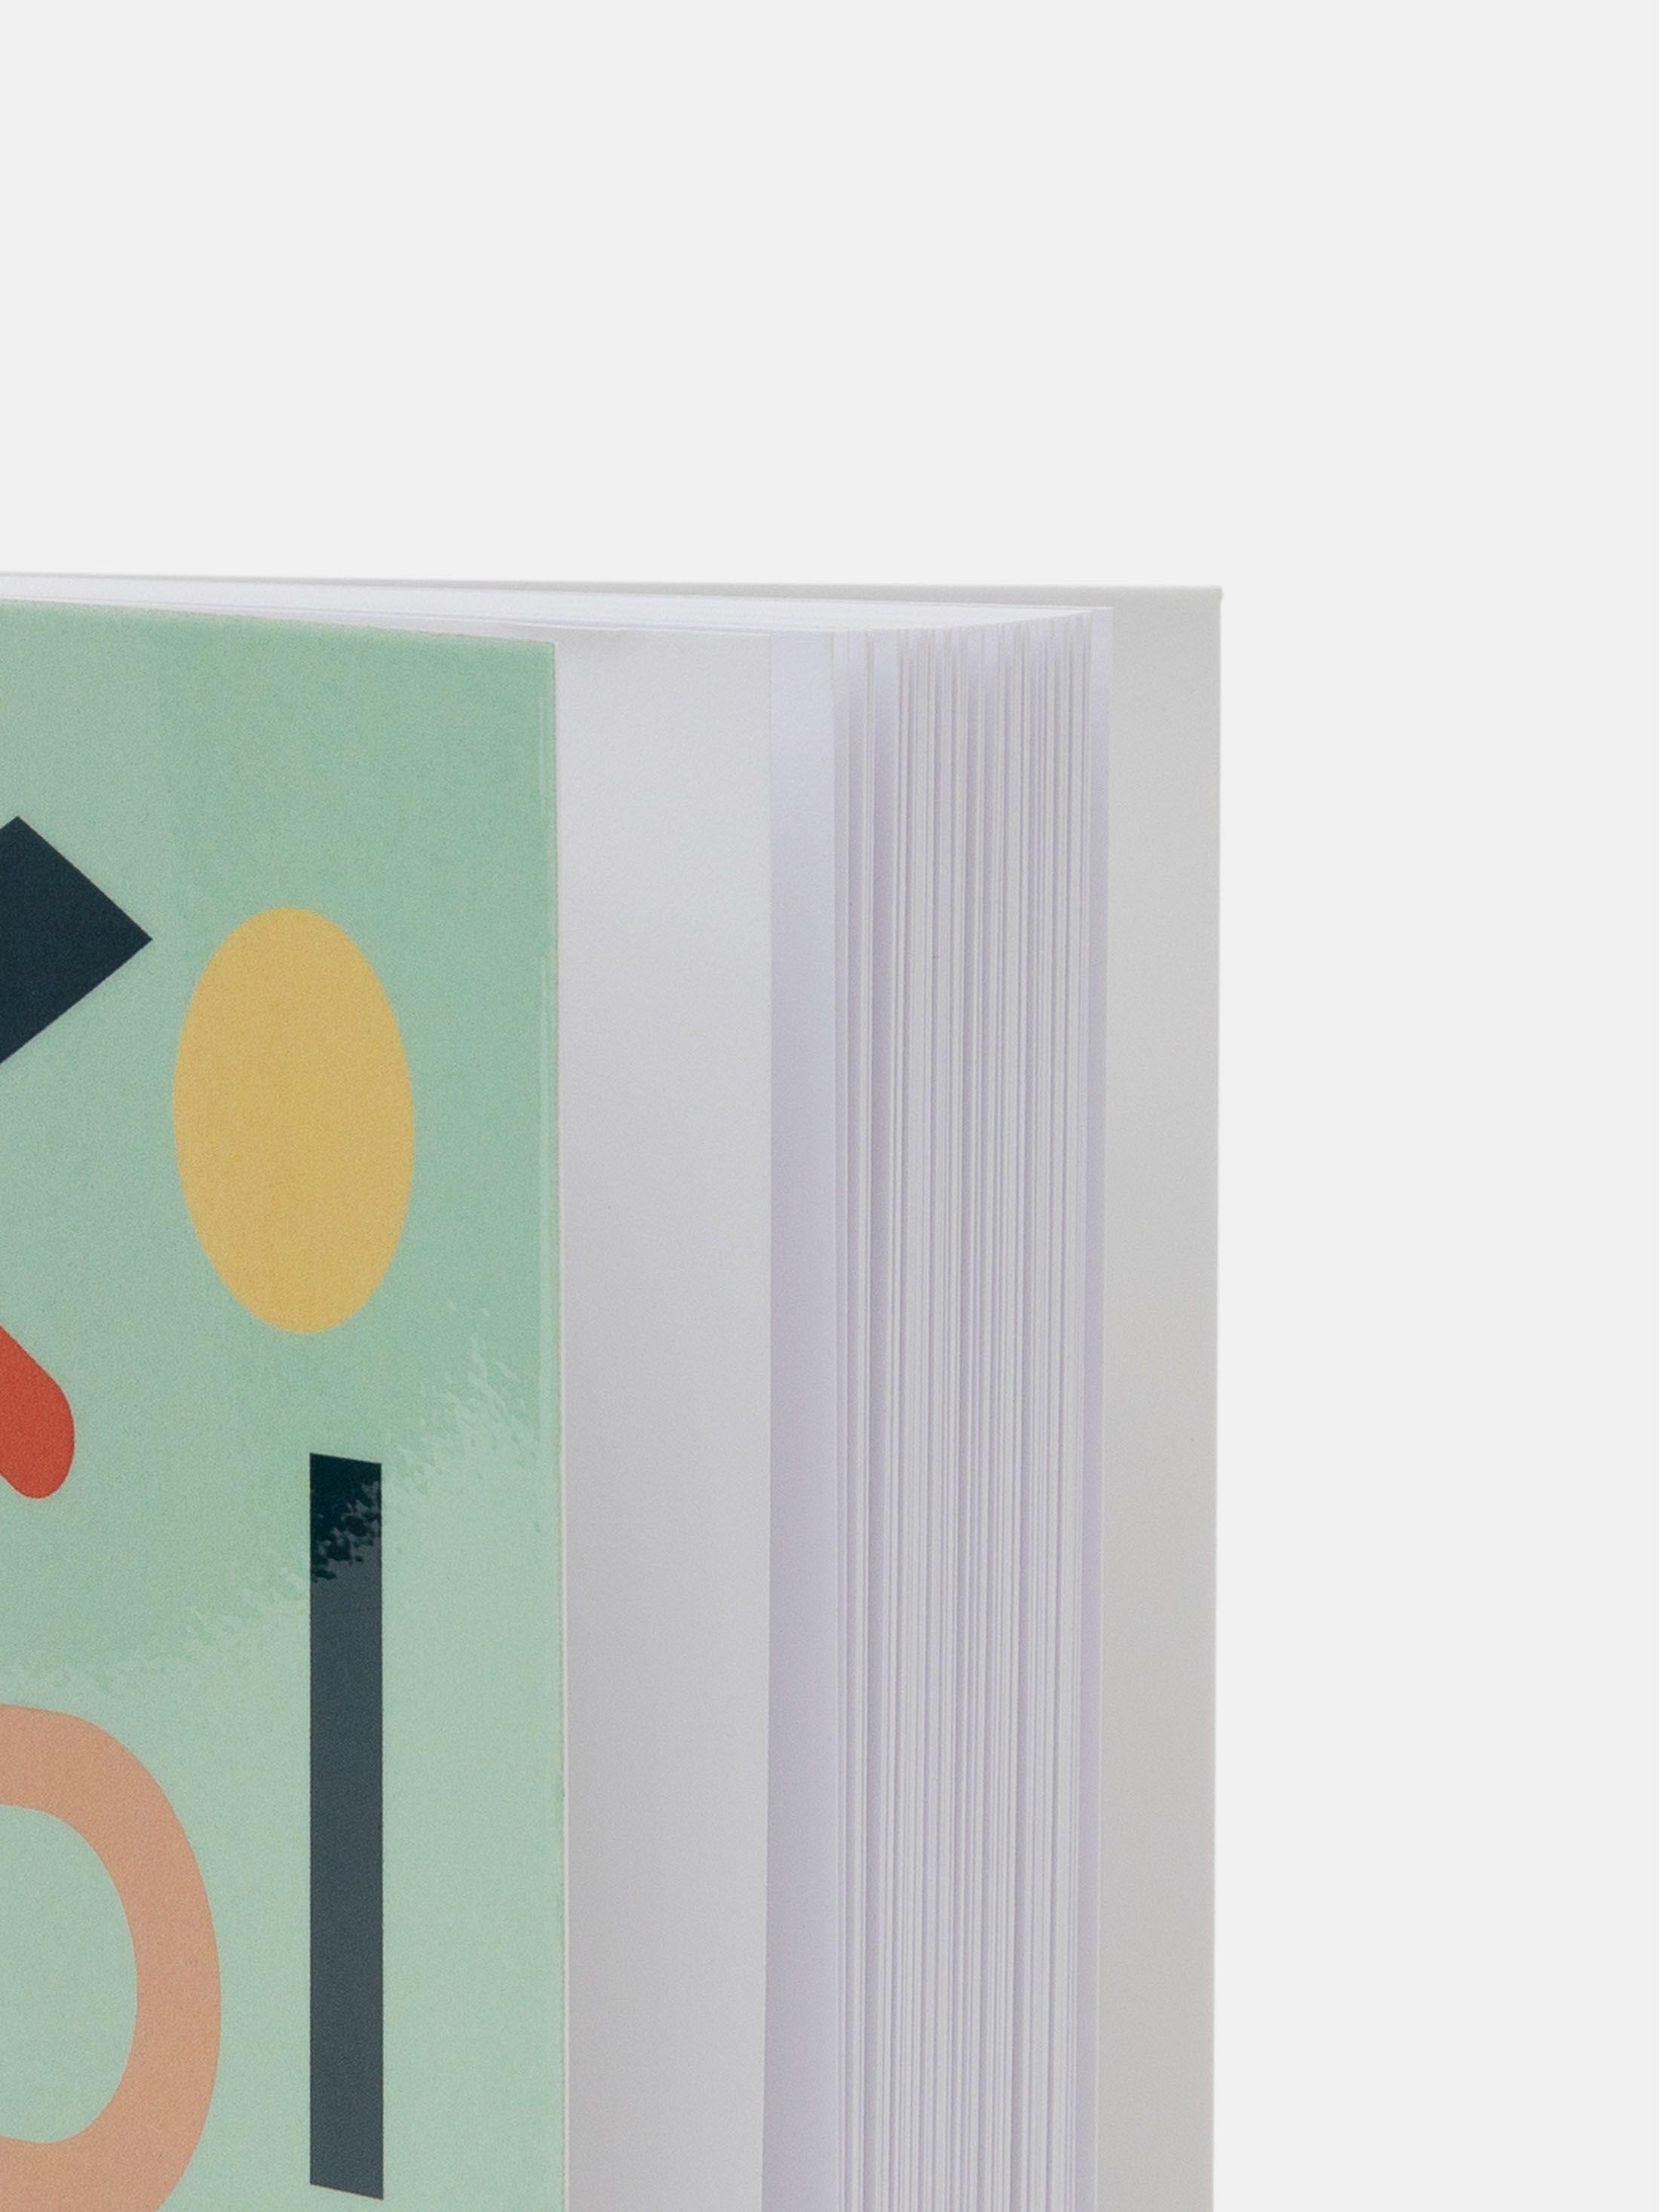 Impression sur carnet personnalisé avec design